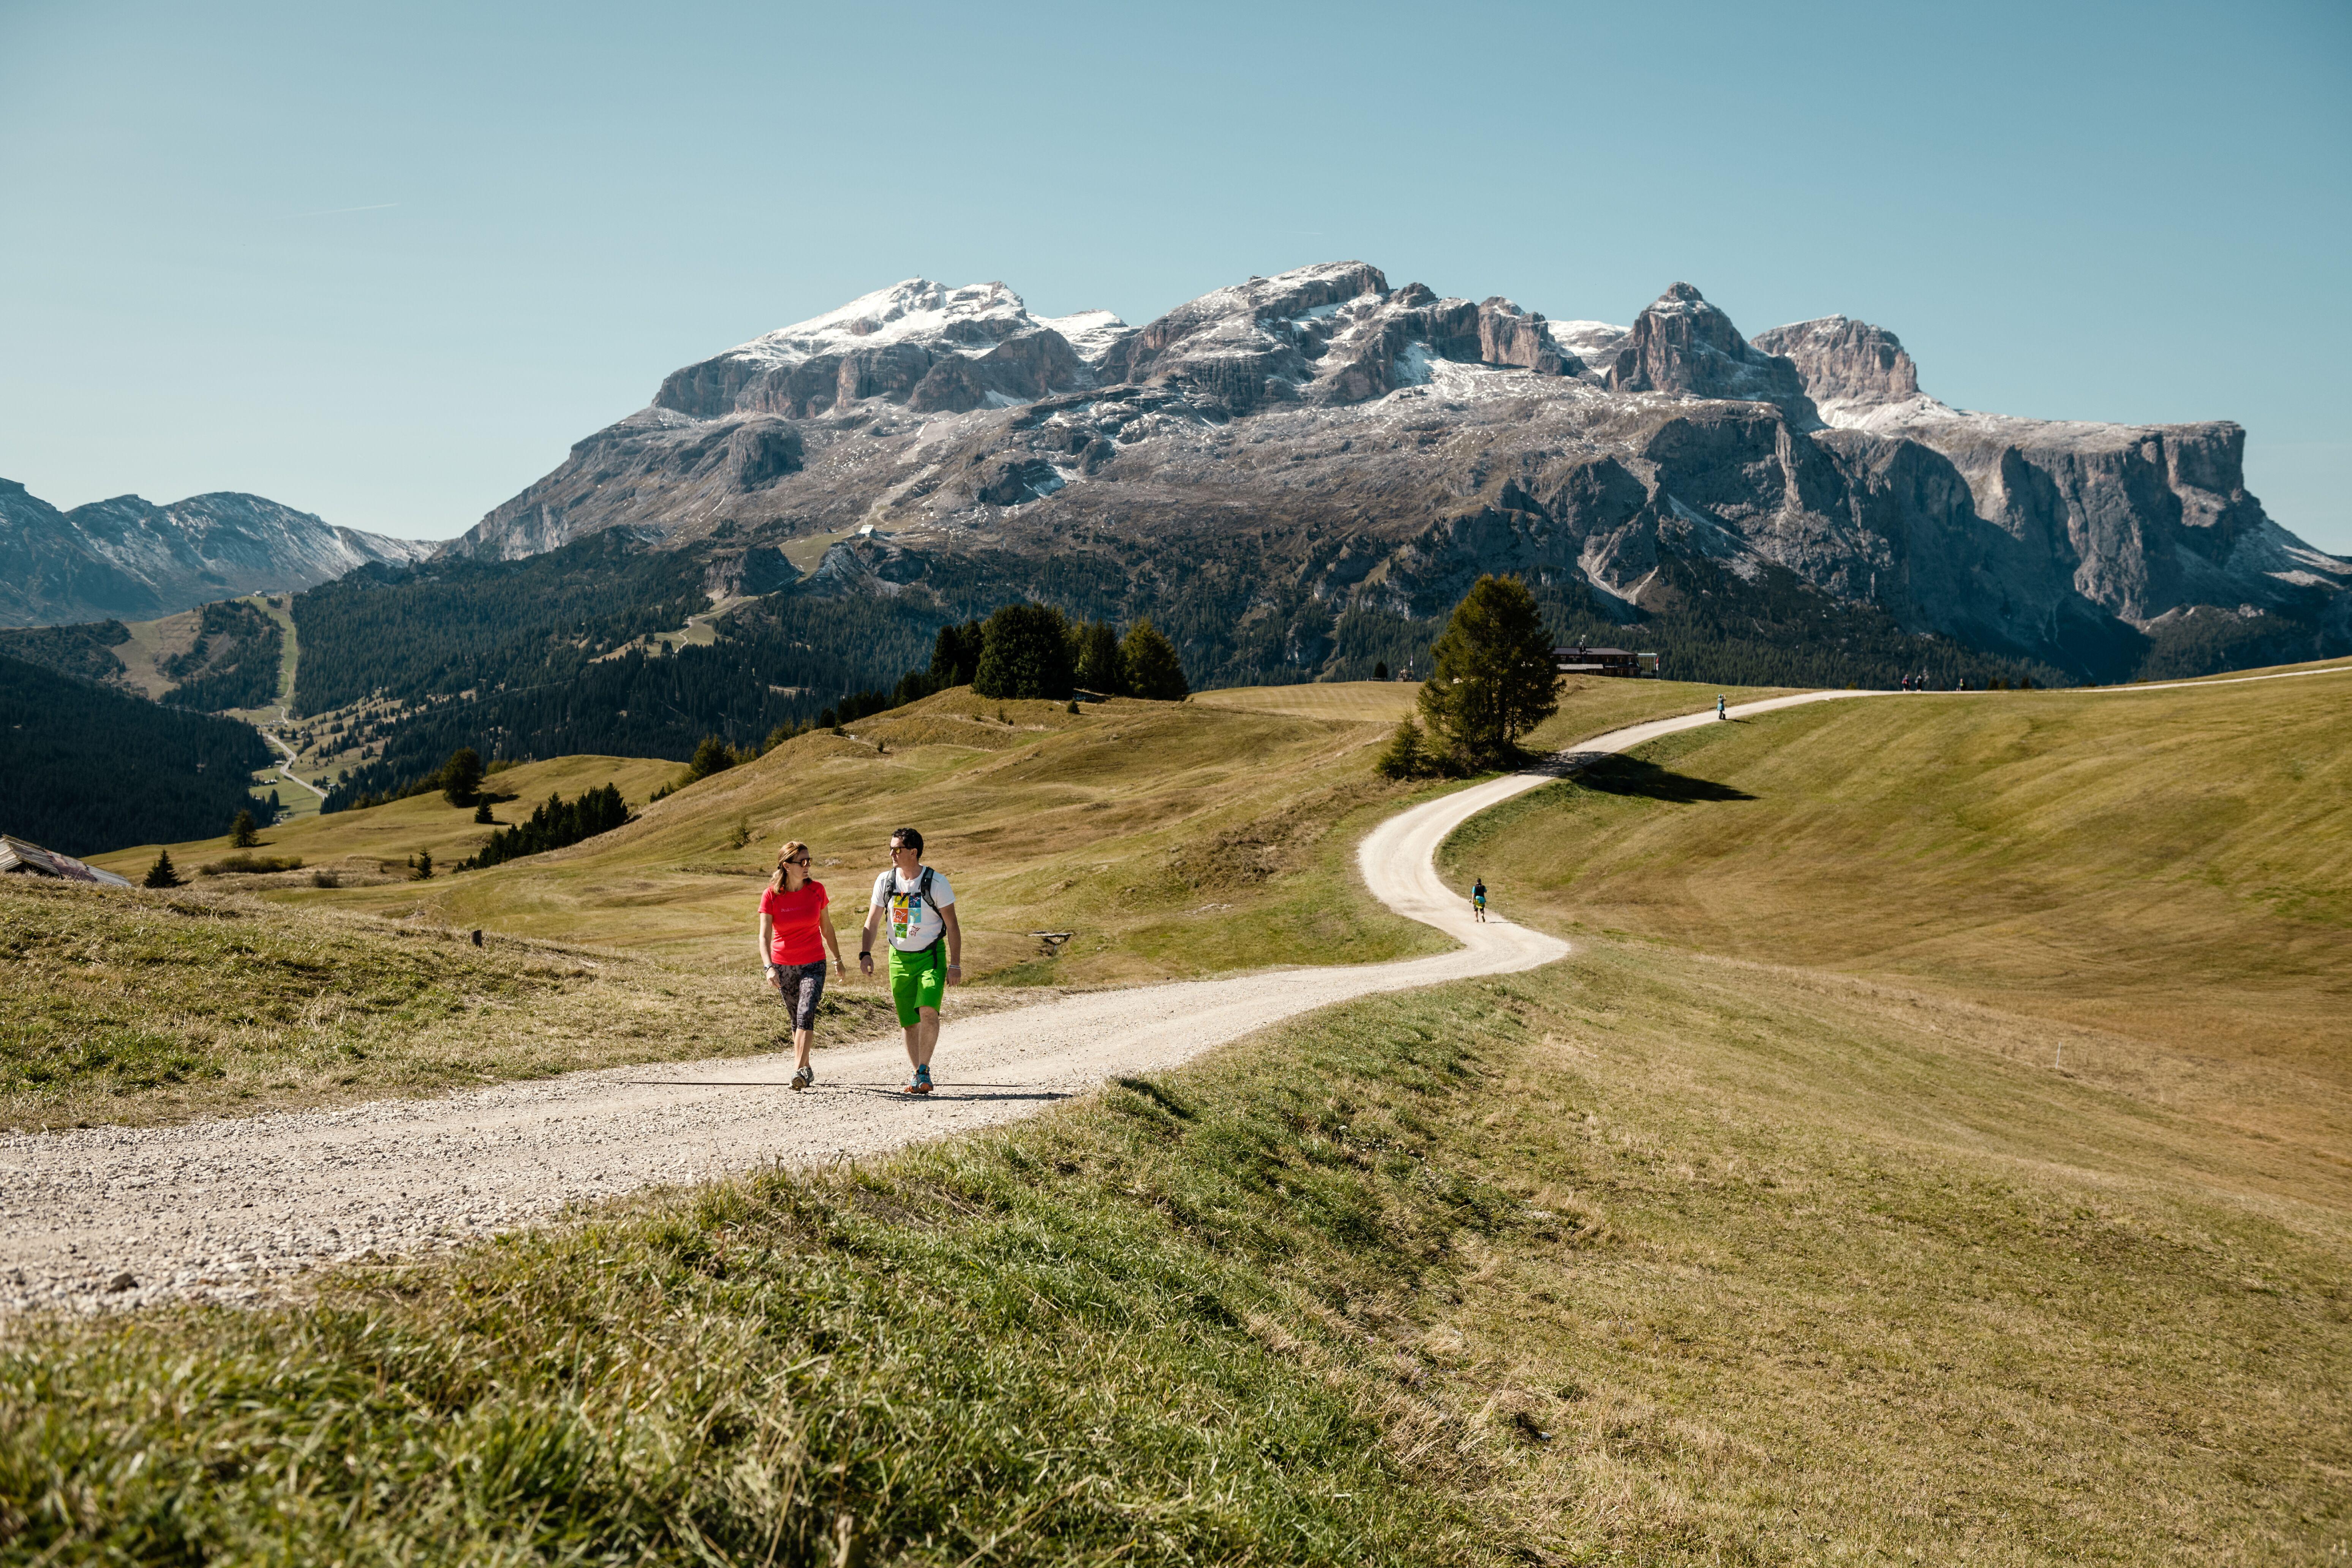 Movimënt Ski Carosello Alta Badia